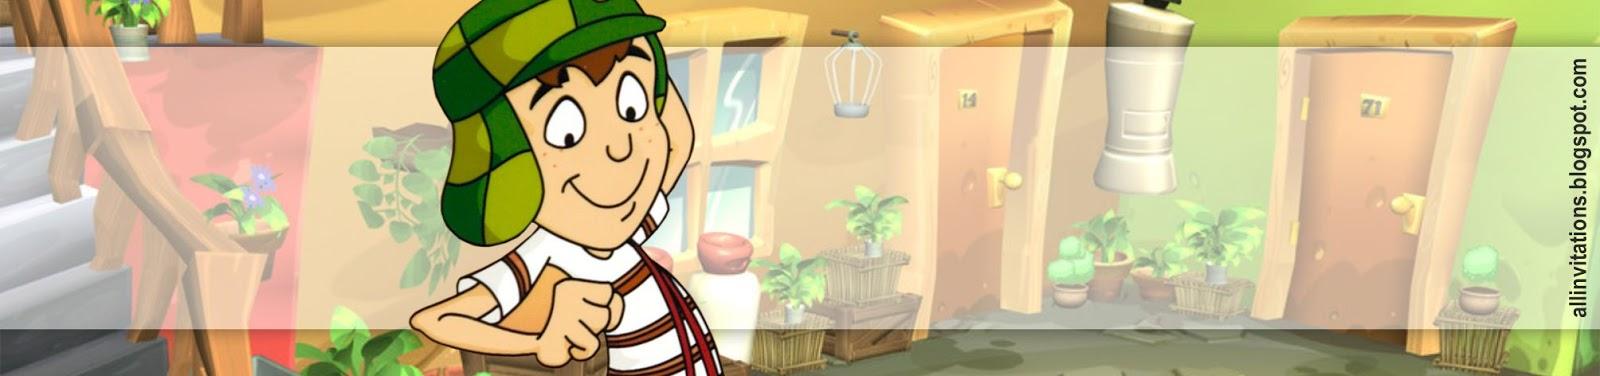 etiqueta botella chavo del 8 animado all invitations